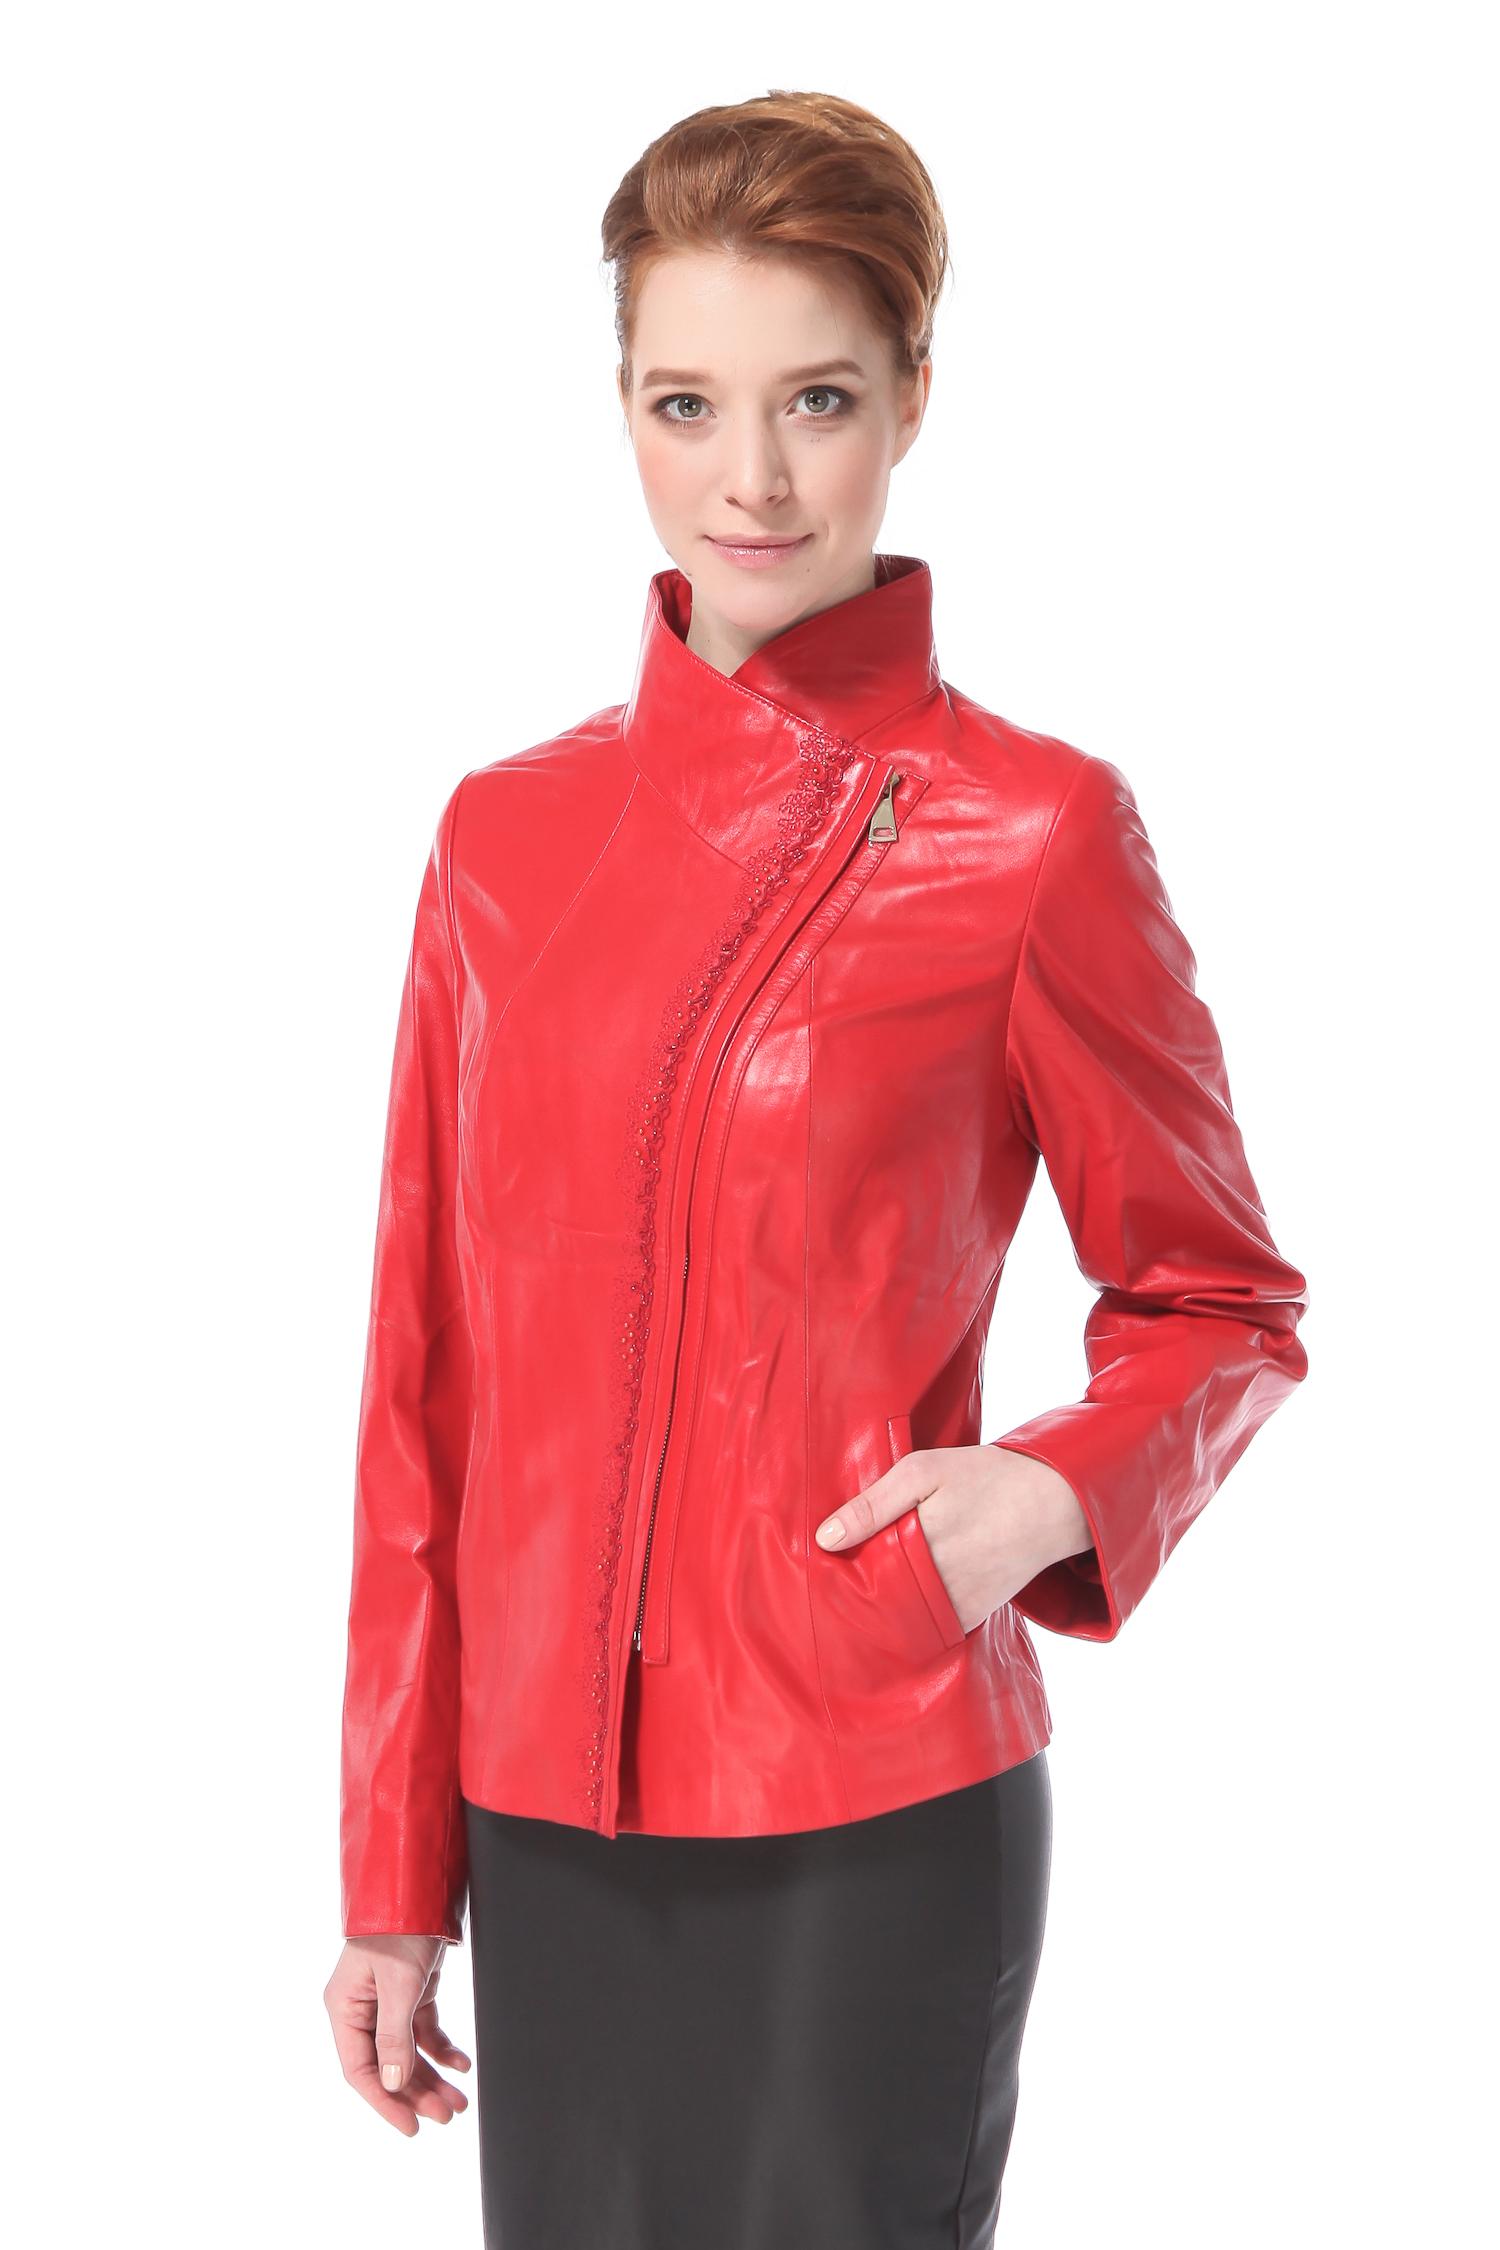 Женская кожаная куртка из натуральной кожи с воротником, без отделки<br><br>Воротник: стойка<br>Длина см: Короткая (51-74 )<br>Материал: Кожа овчина<br>Цвет: красный<br>Застежка: на молнии<br>Пол: Женский<br>Размер RU: 50